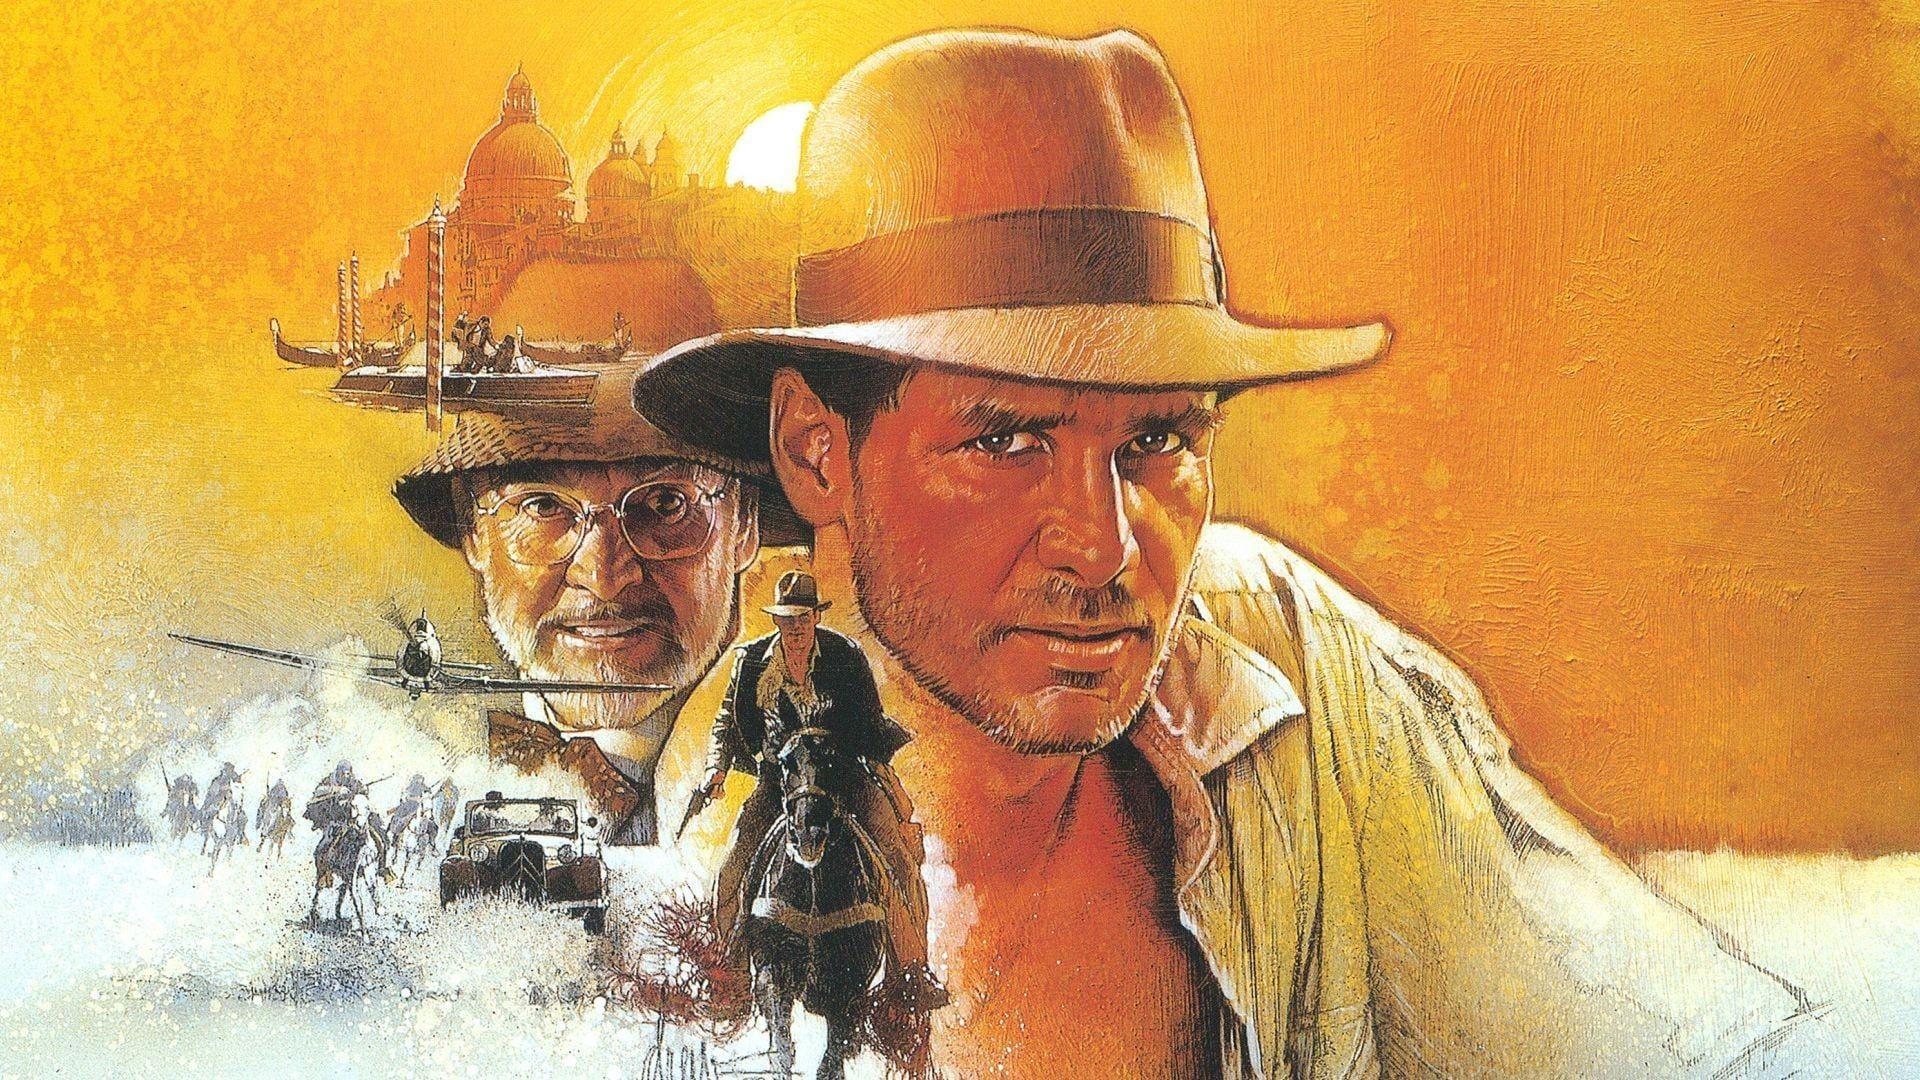 Indiana Jones Es Az Utolso Kereszteslovag 1989 Online Teljes Film Filmek Magyarul Letoltes Hd Indiana Jones Es Az Utolso Ke Indiana Jones Harrison Ford Indiana